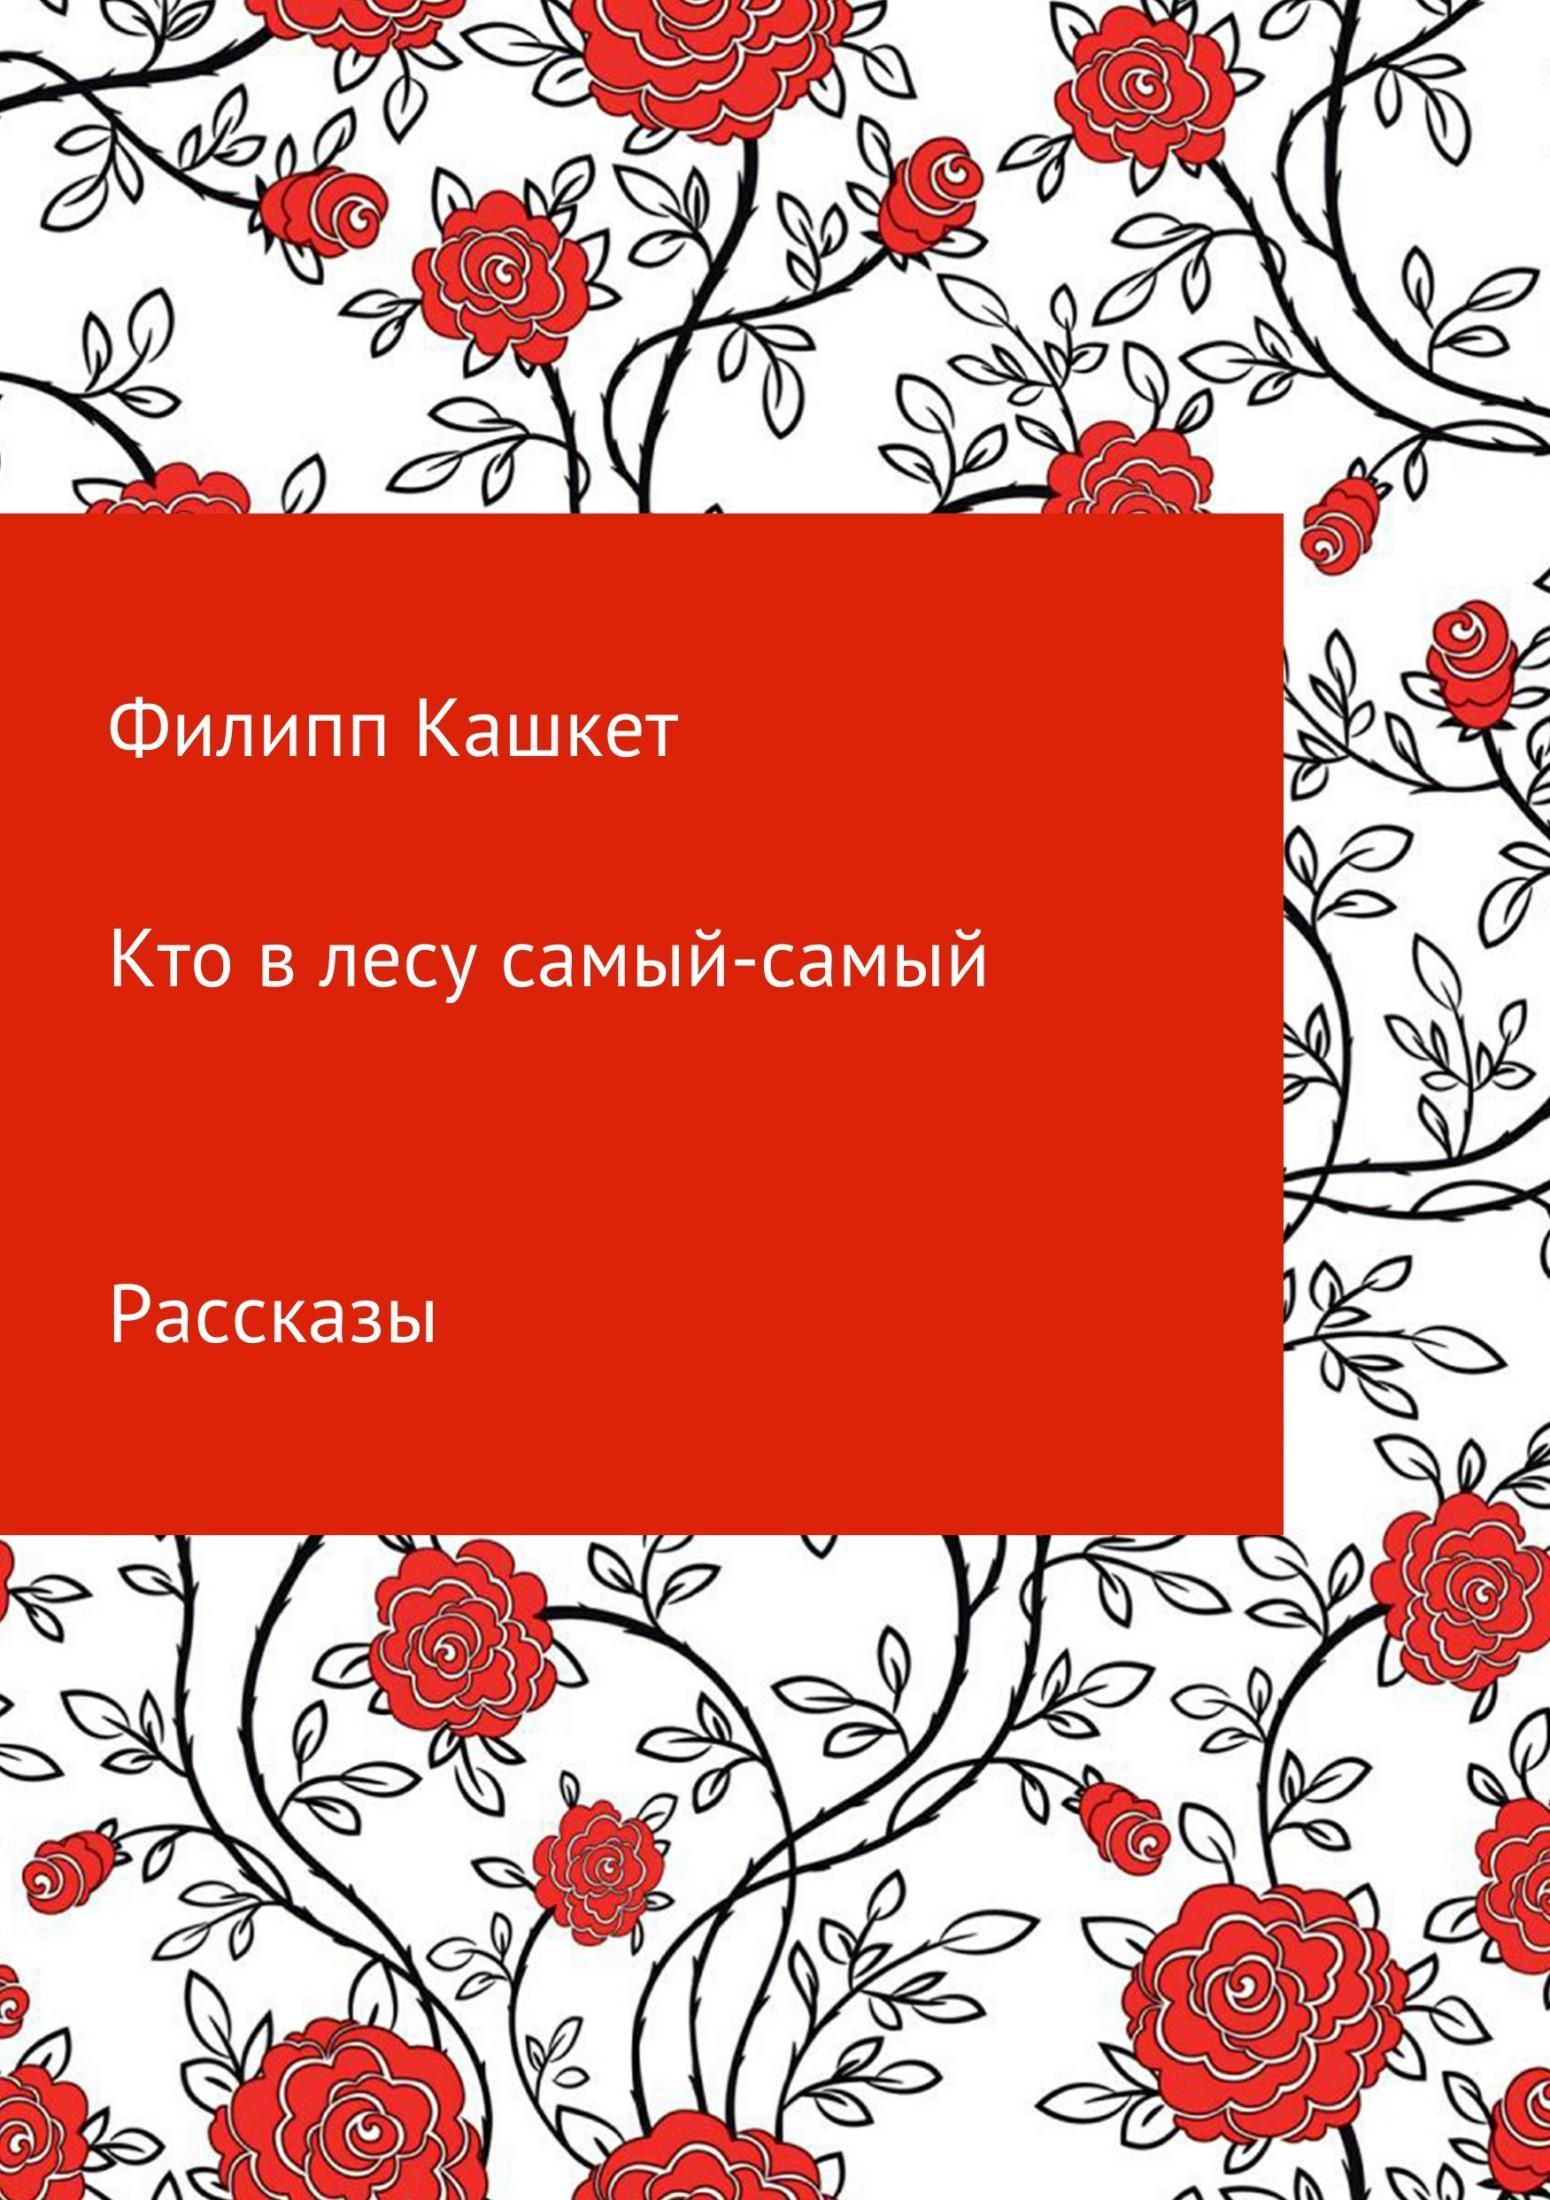 Филипп Кашкет Ефимович Кто в лесу самый-самый румянцева е веселые истории про зверят